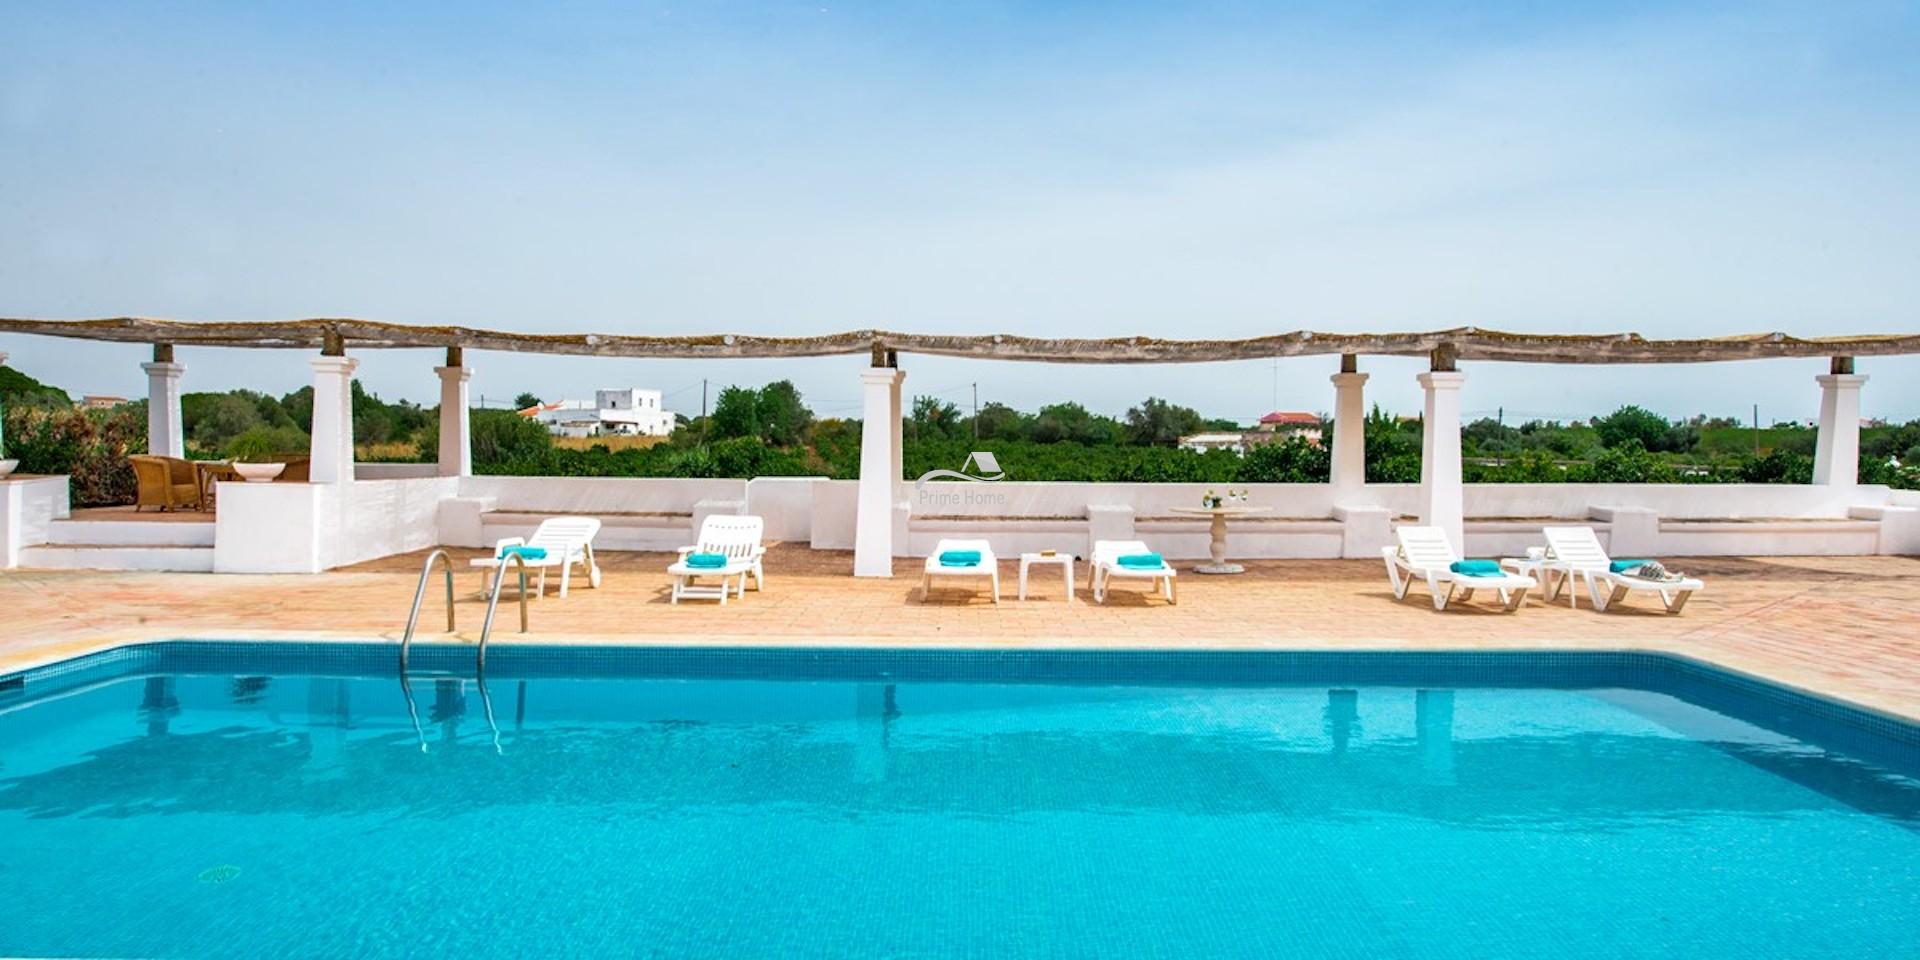 9 Bedroom Property For Sale In Fuzeta Algarve Portugal (28)